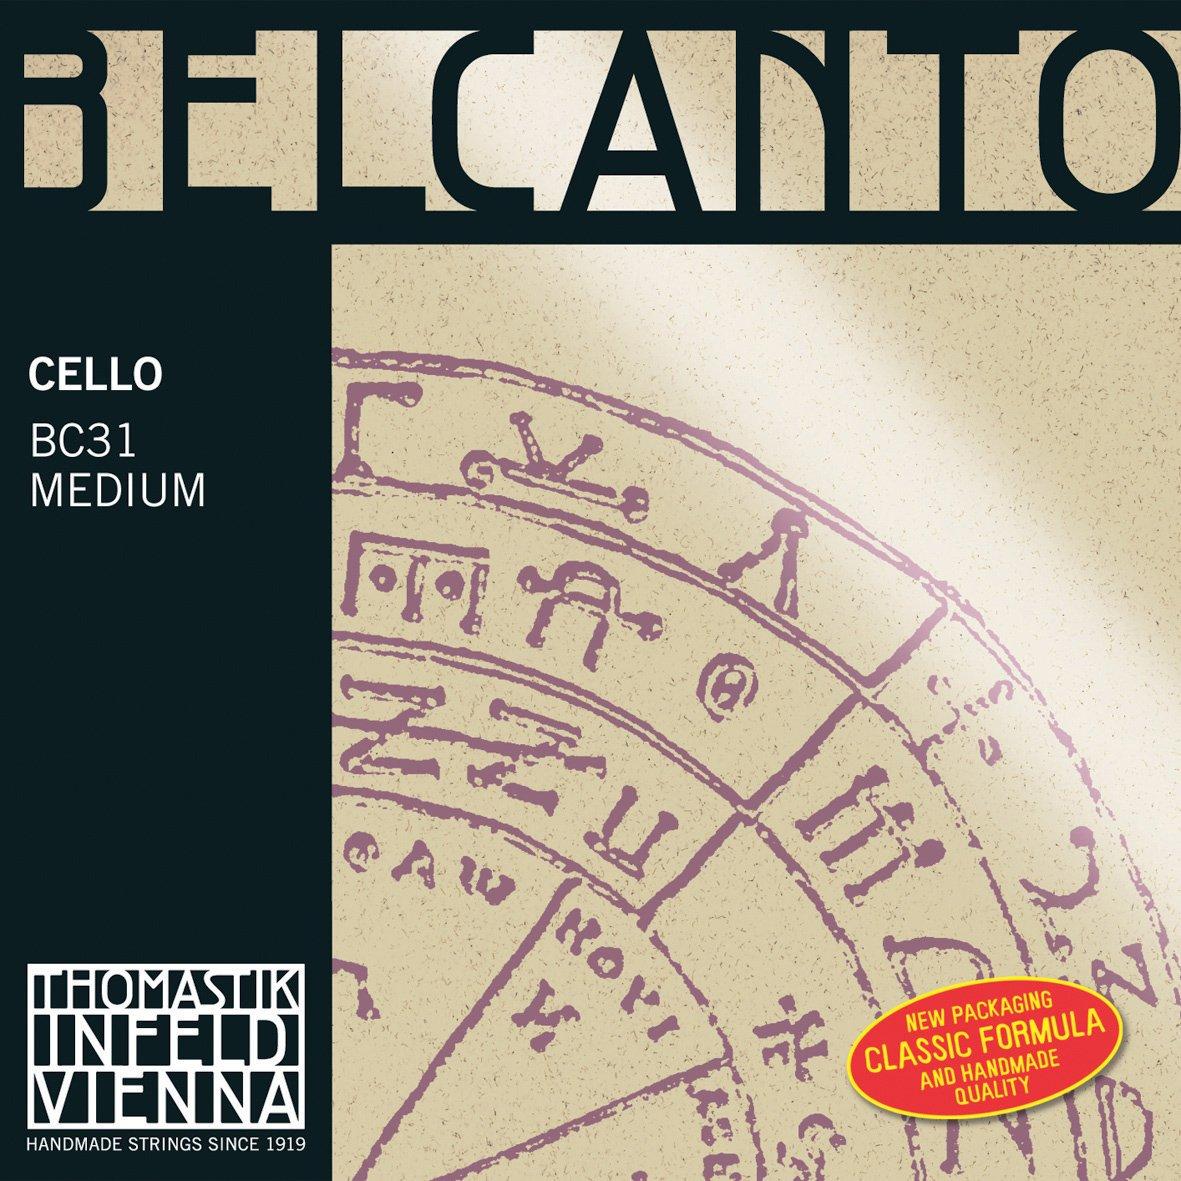 Belcanto ベルカント チェロ弦 C線 スパイラルコア 4/4 タングステン BC33   B0023LZNDS